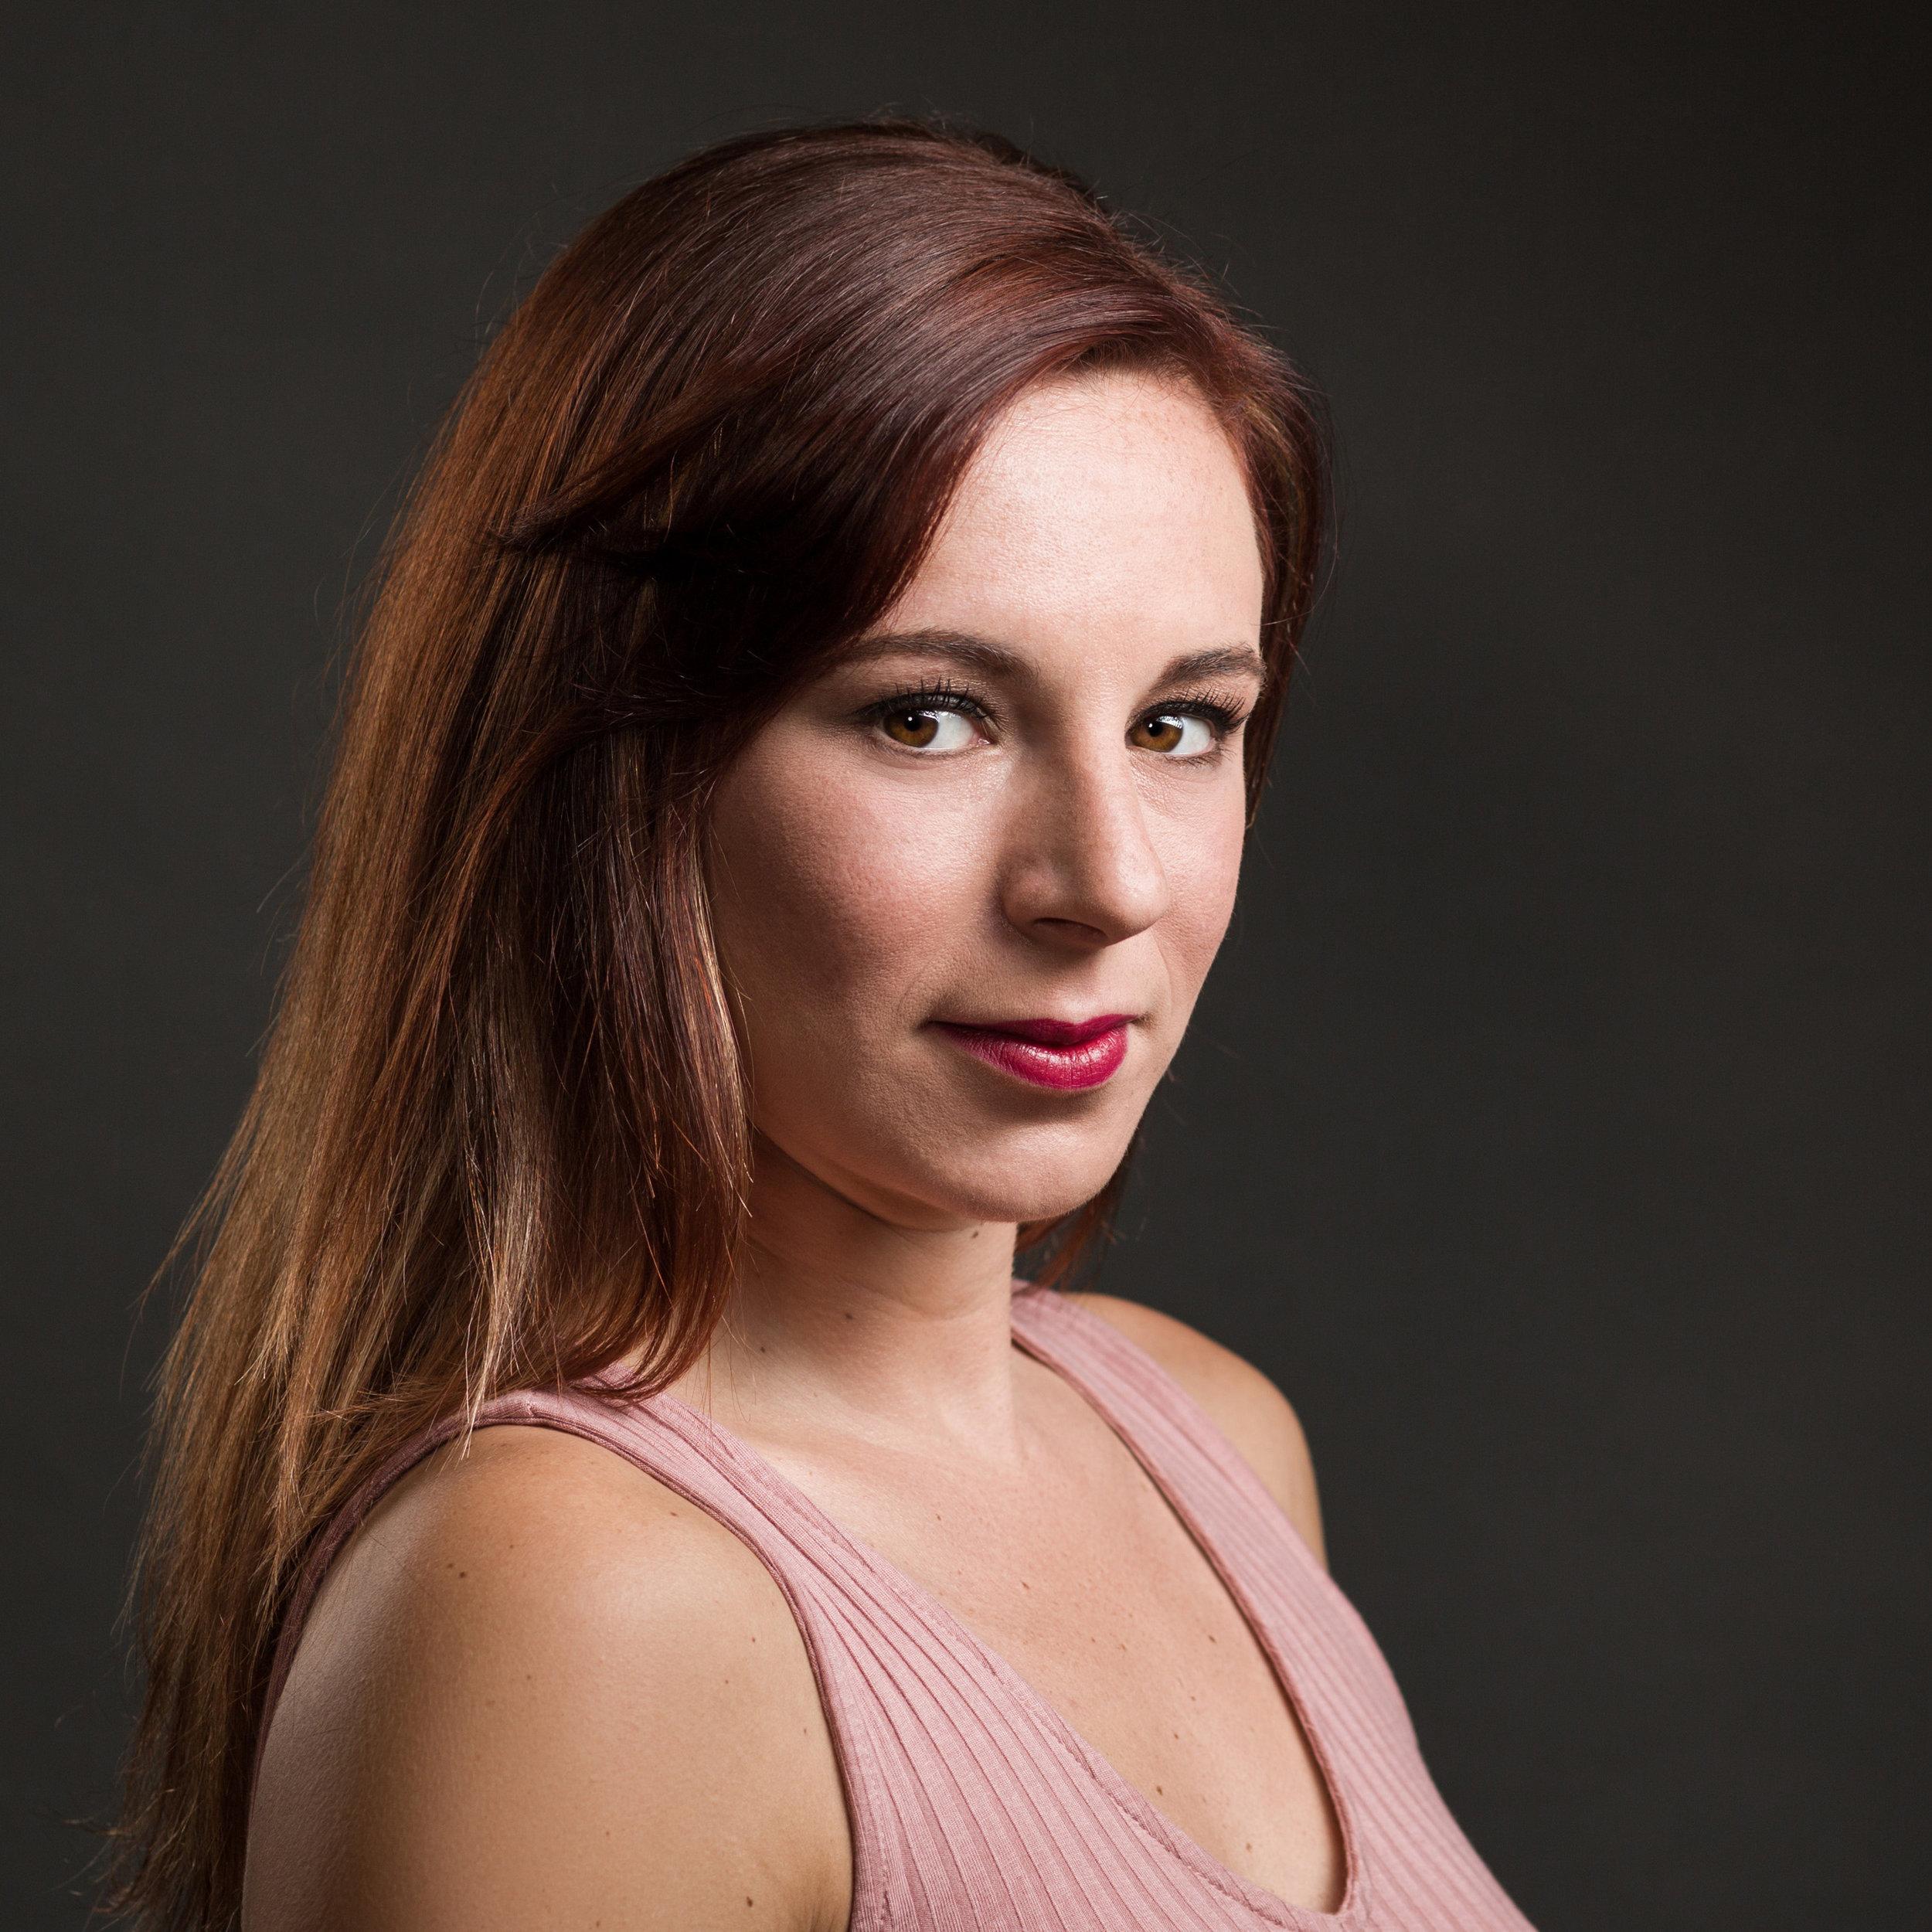 Samantha Simone